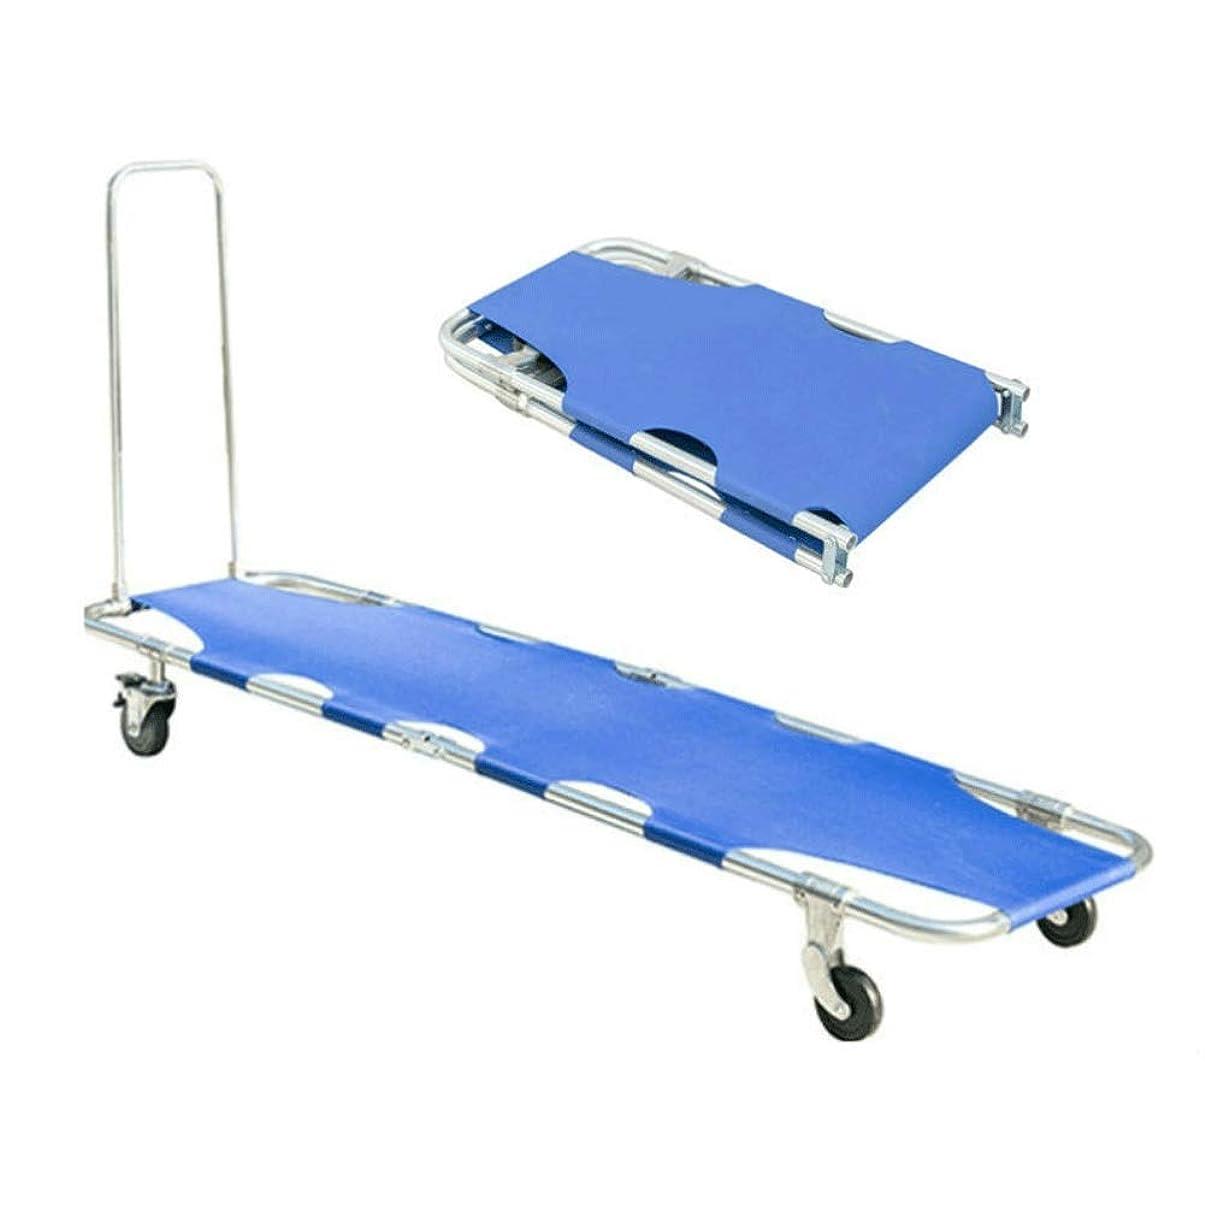 自転車浴室ボイコットプルロッド、ポータブル肥厚アルミニウム合金四輪ストレッチャー、(ブレーキ付き)2ユニバーサルホイール+ 2方向車輪と救急救助ストレッチャーベッド